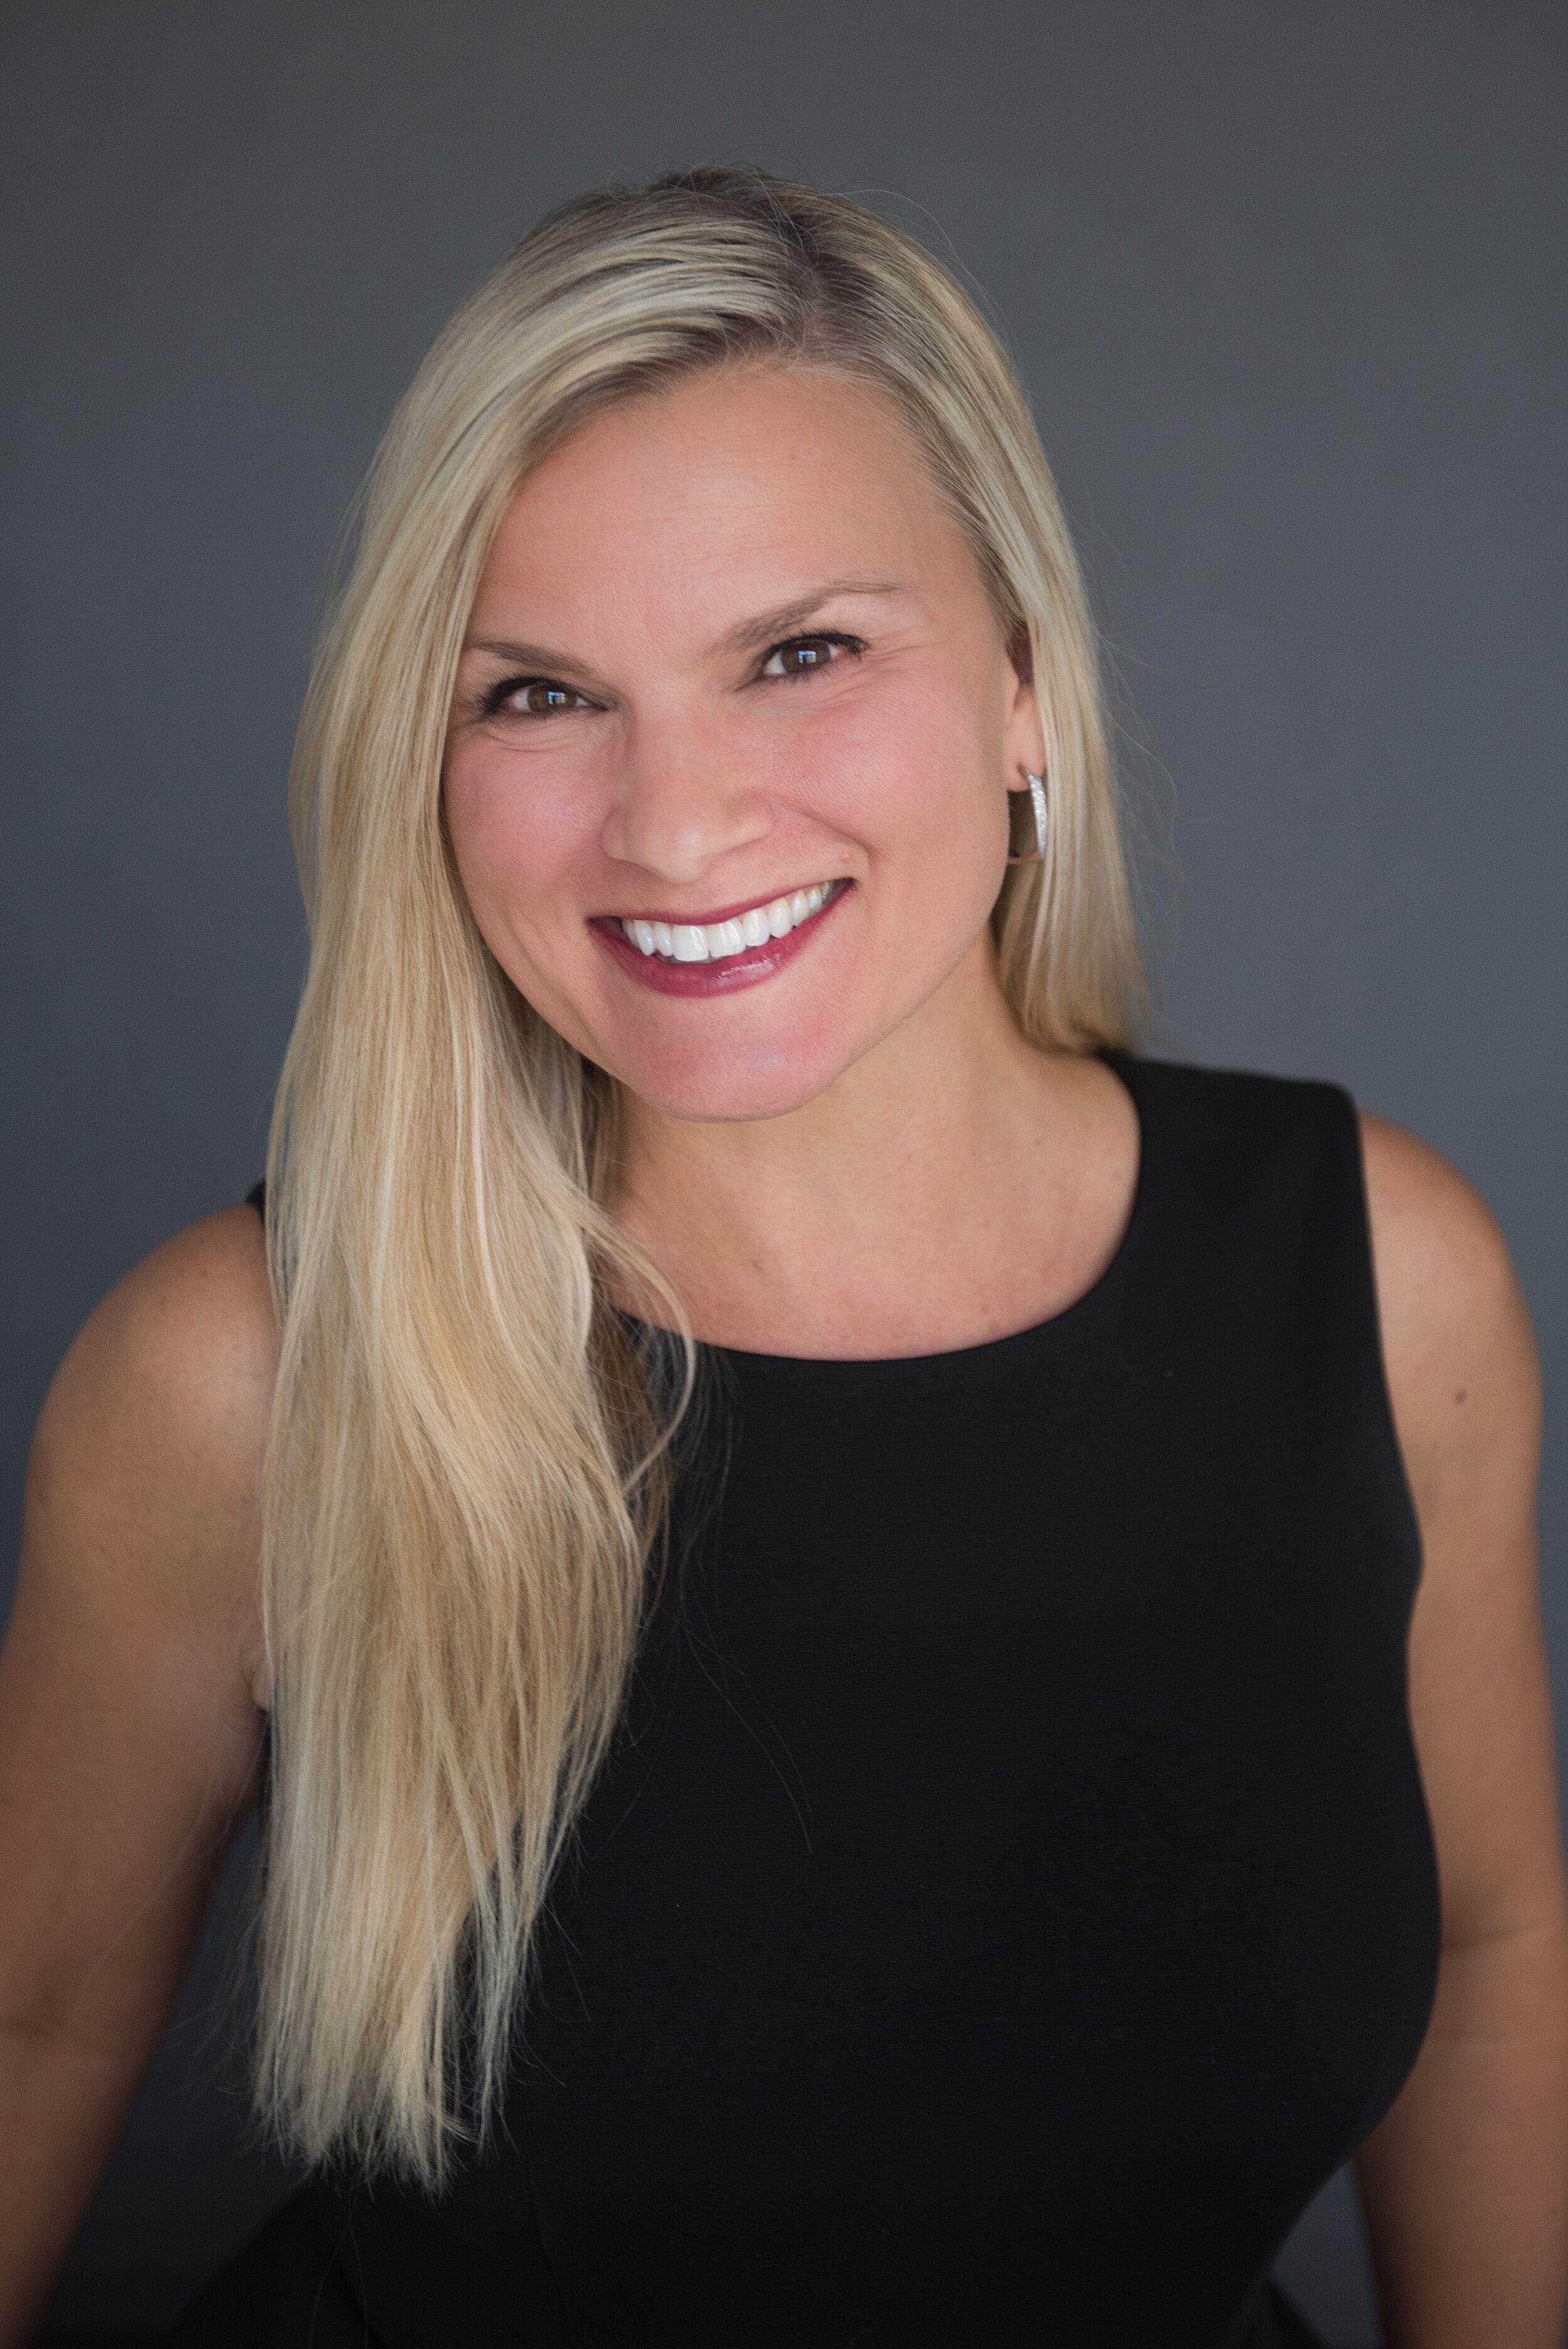 Lori Franke